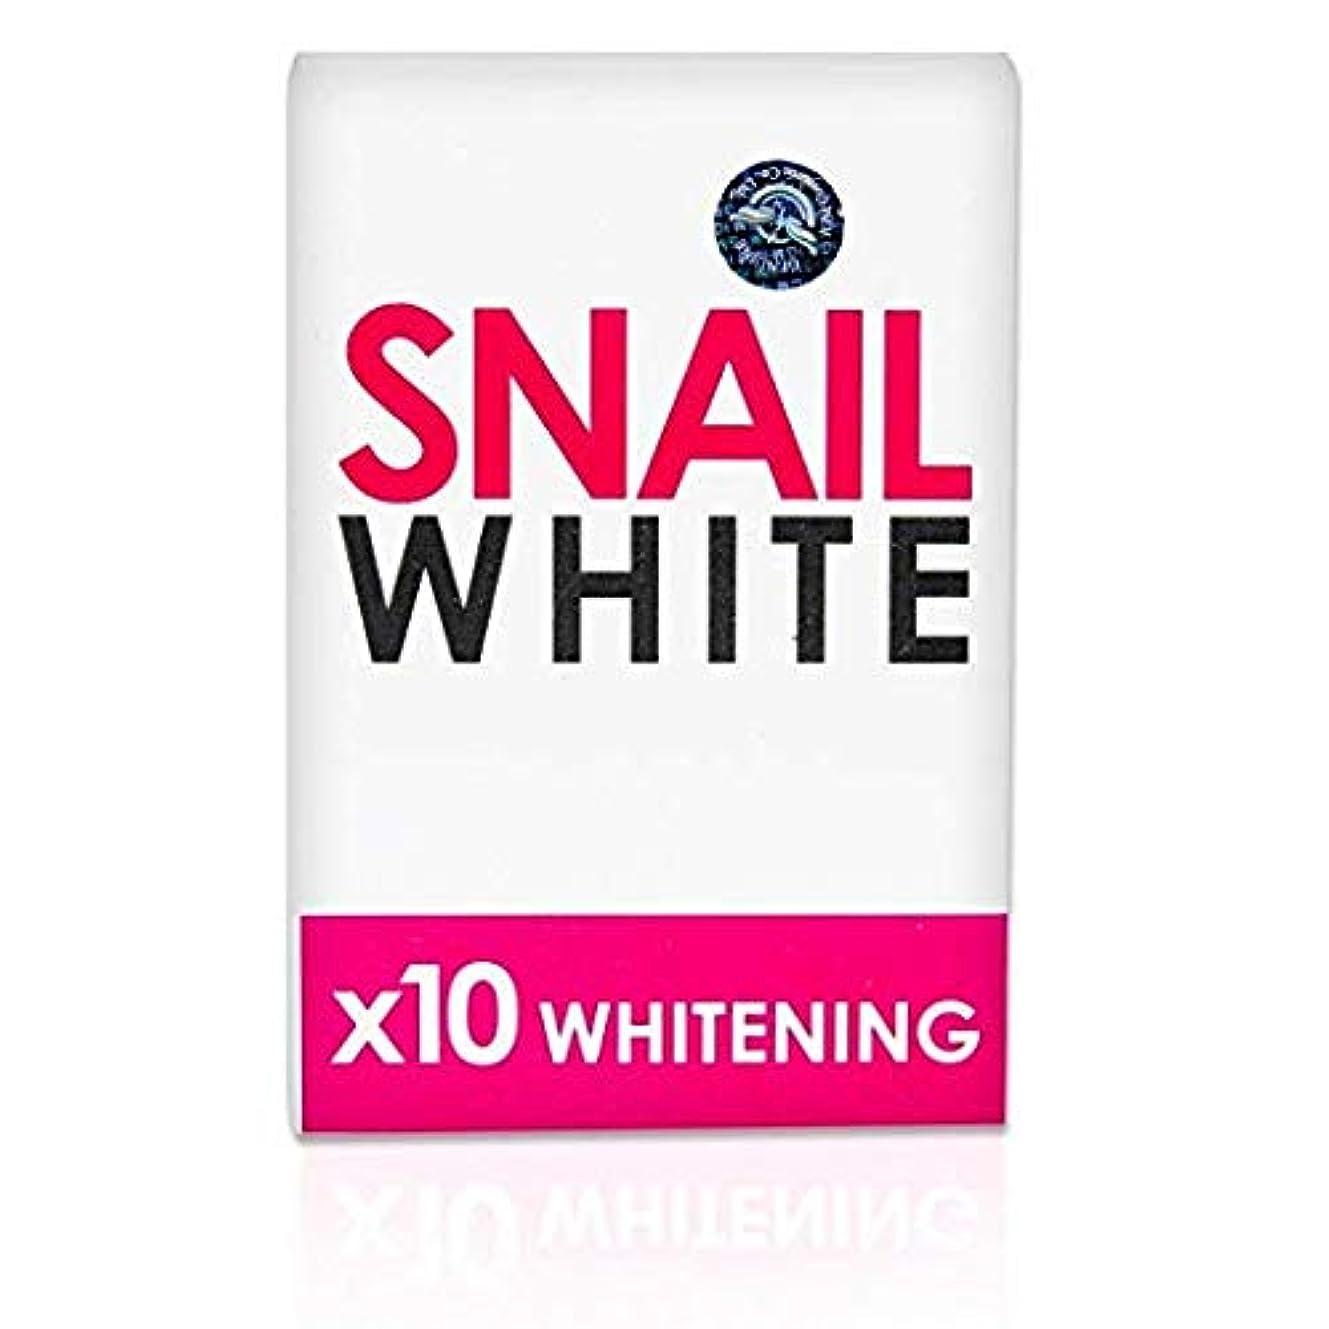 悪因子ホラー破滅スネイルホワイト Gluta Snail White x10 Whitening by Dream ホワイトニング 固形石鹸 2個